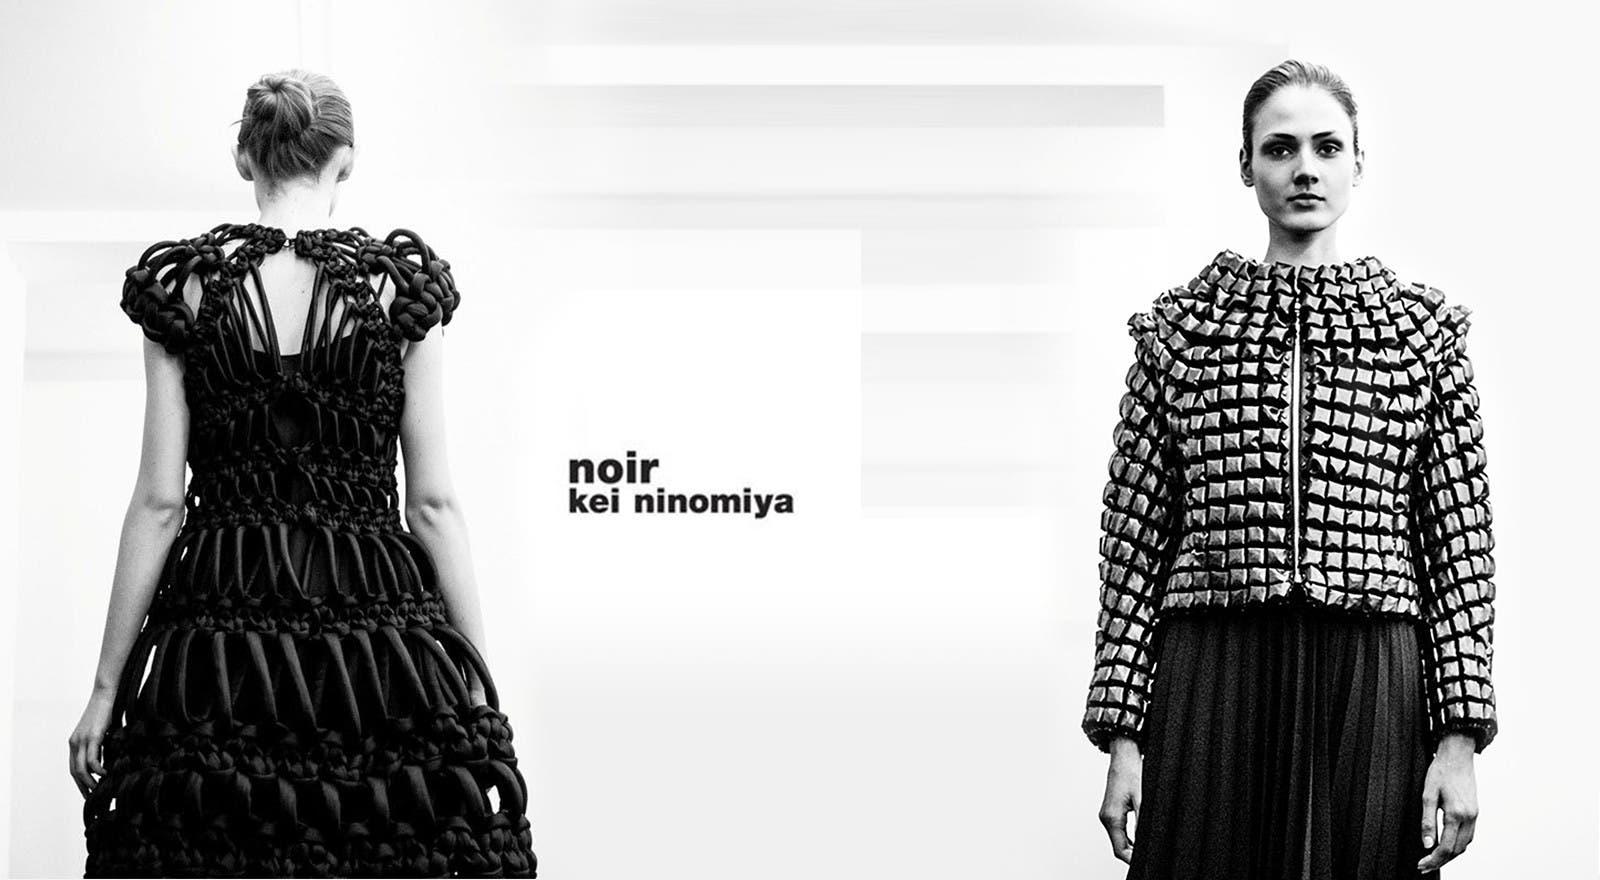 Noir Kei Ninomiya.